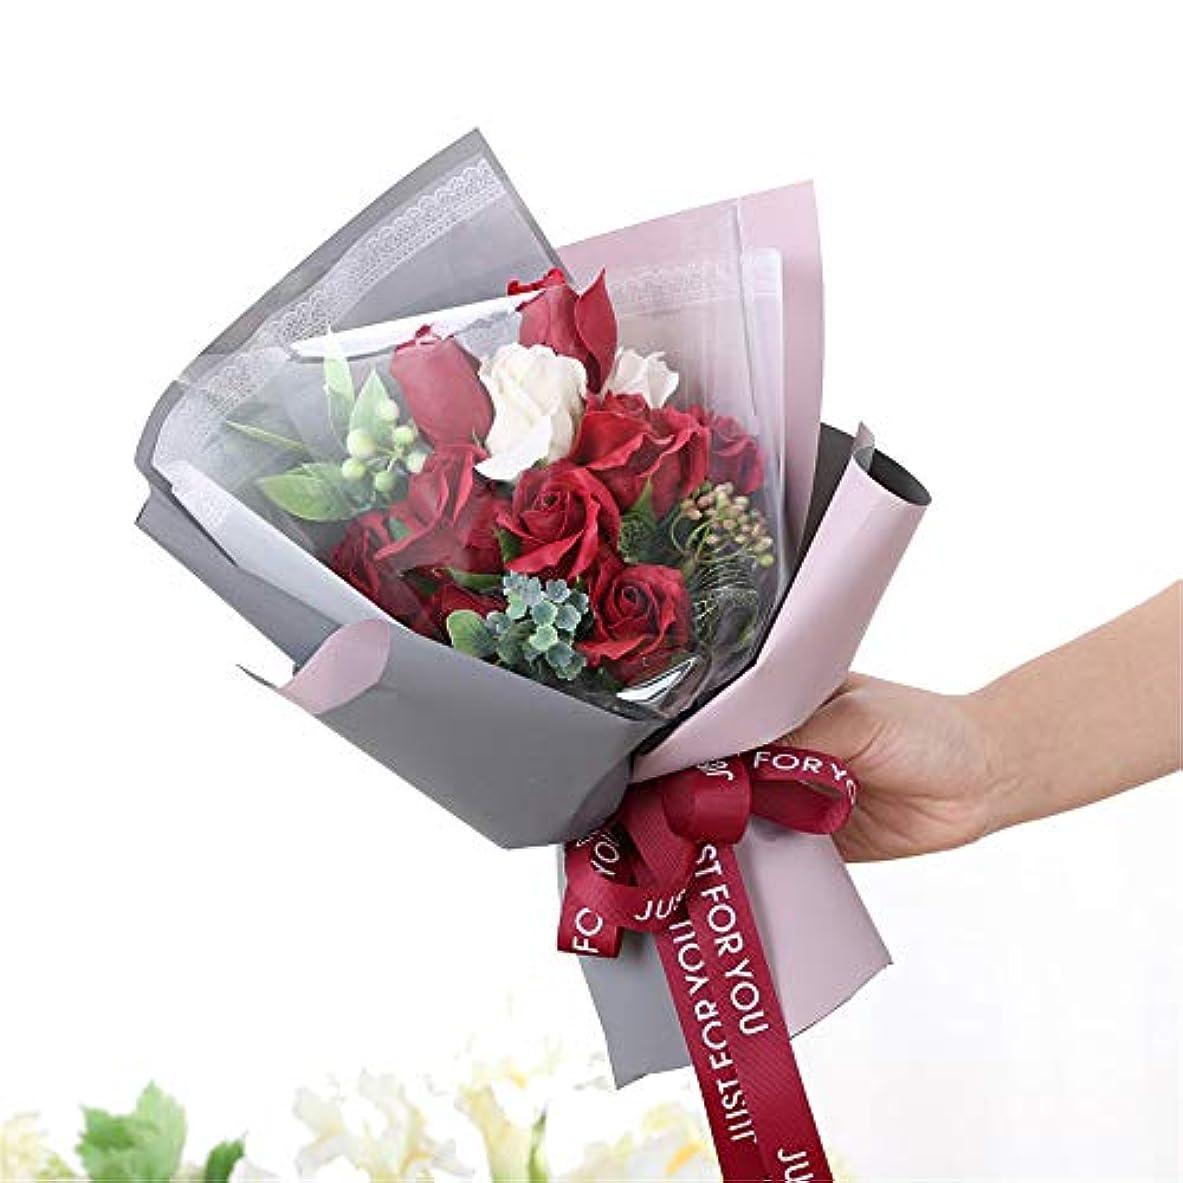 虚偽取り戻すローラー手作りのバラ石鹸フラワーブーケのギフトボックス、女性のためのギフトバレンタインデー、母の日、結婚式、クリスマス、誕生日を愛した女の子 (色 : 赤)